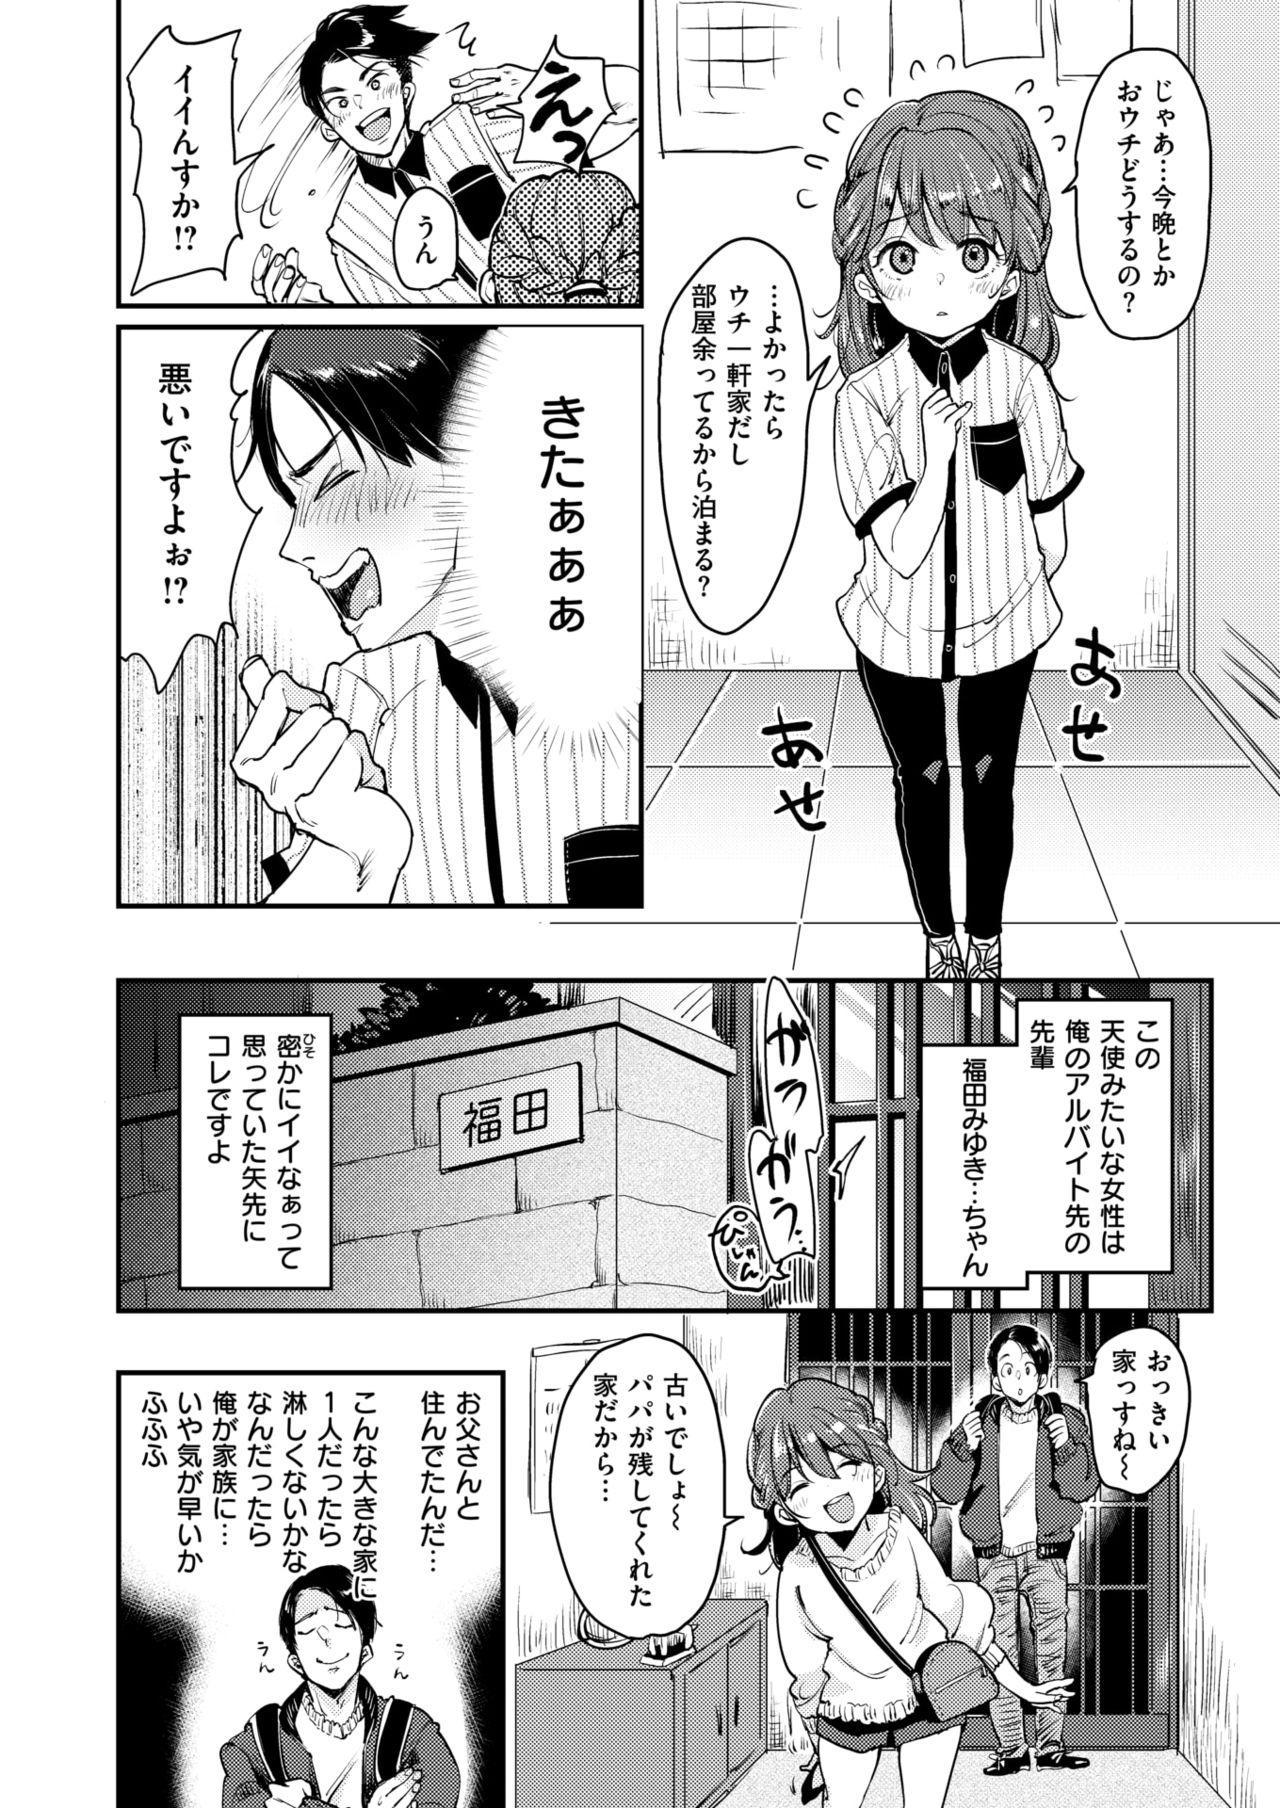 COMIC Kairakuten 2019-01 11